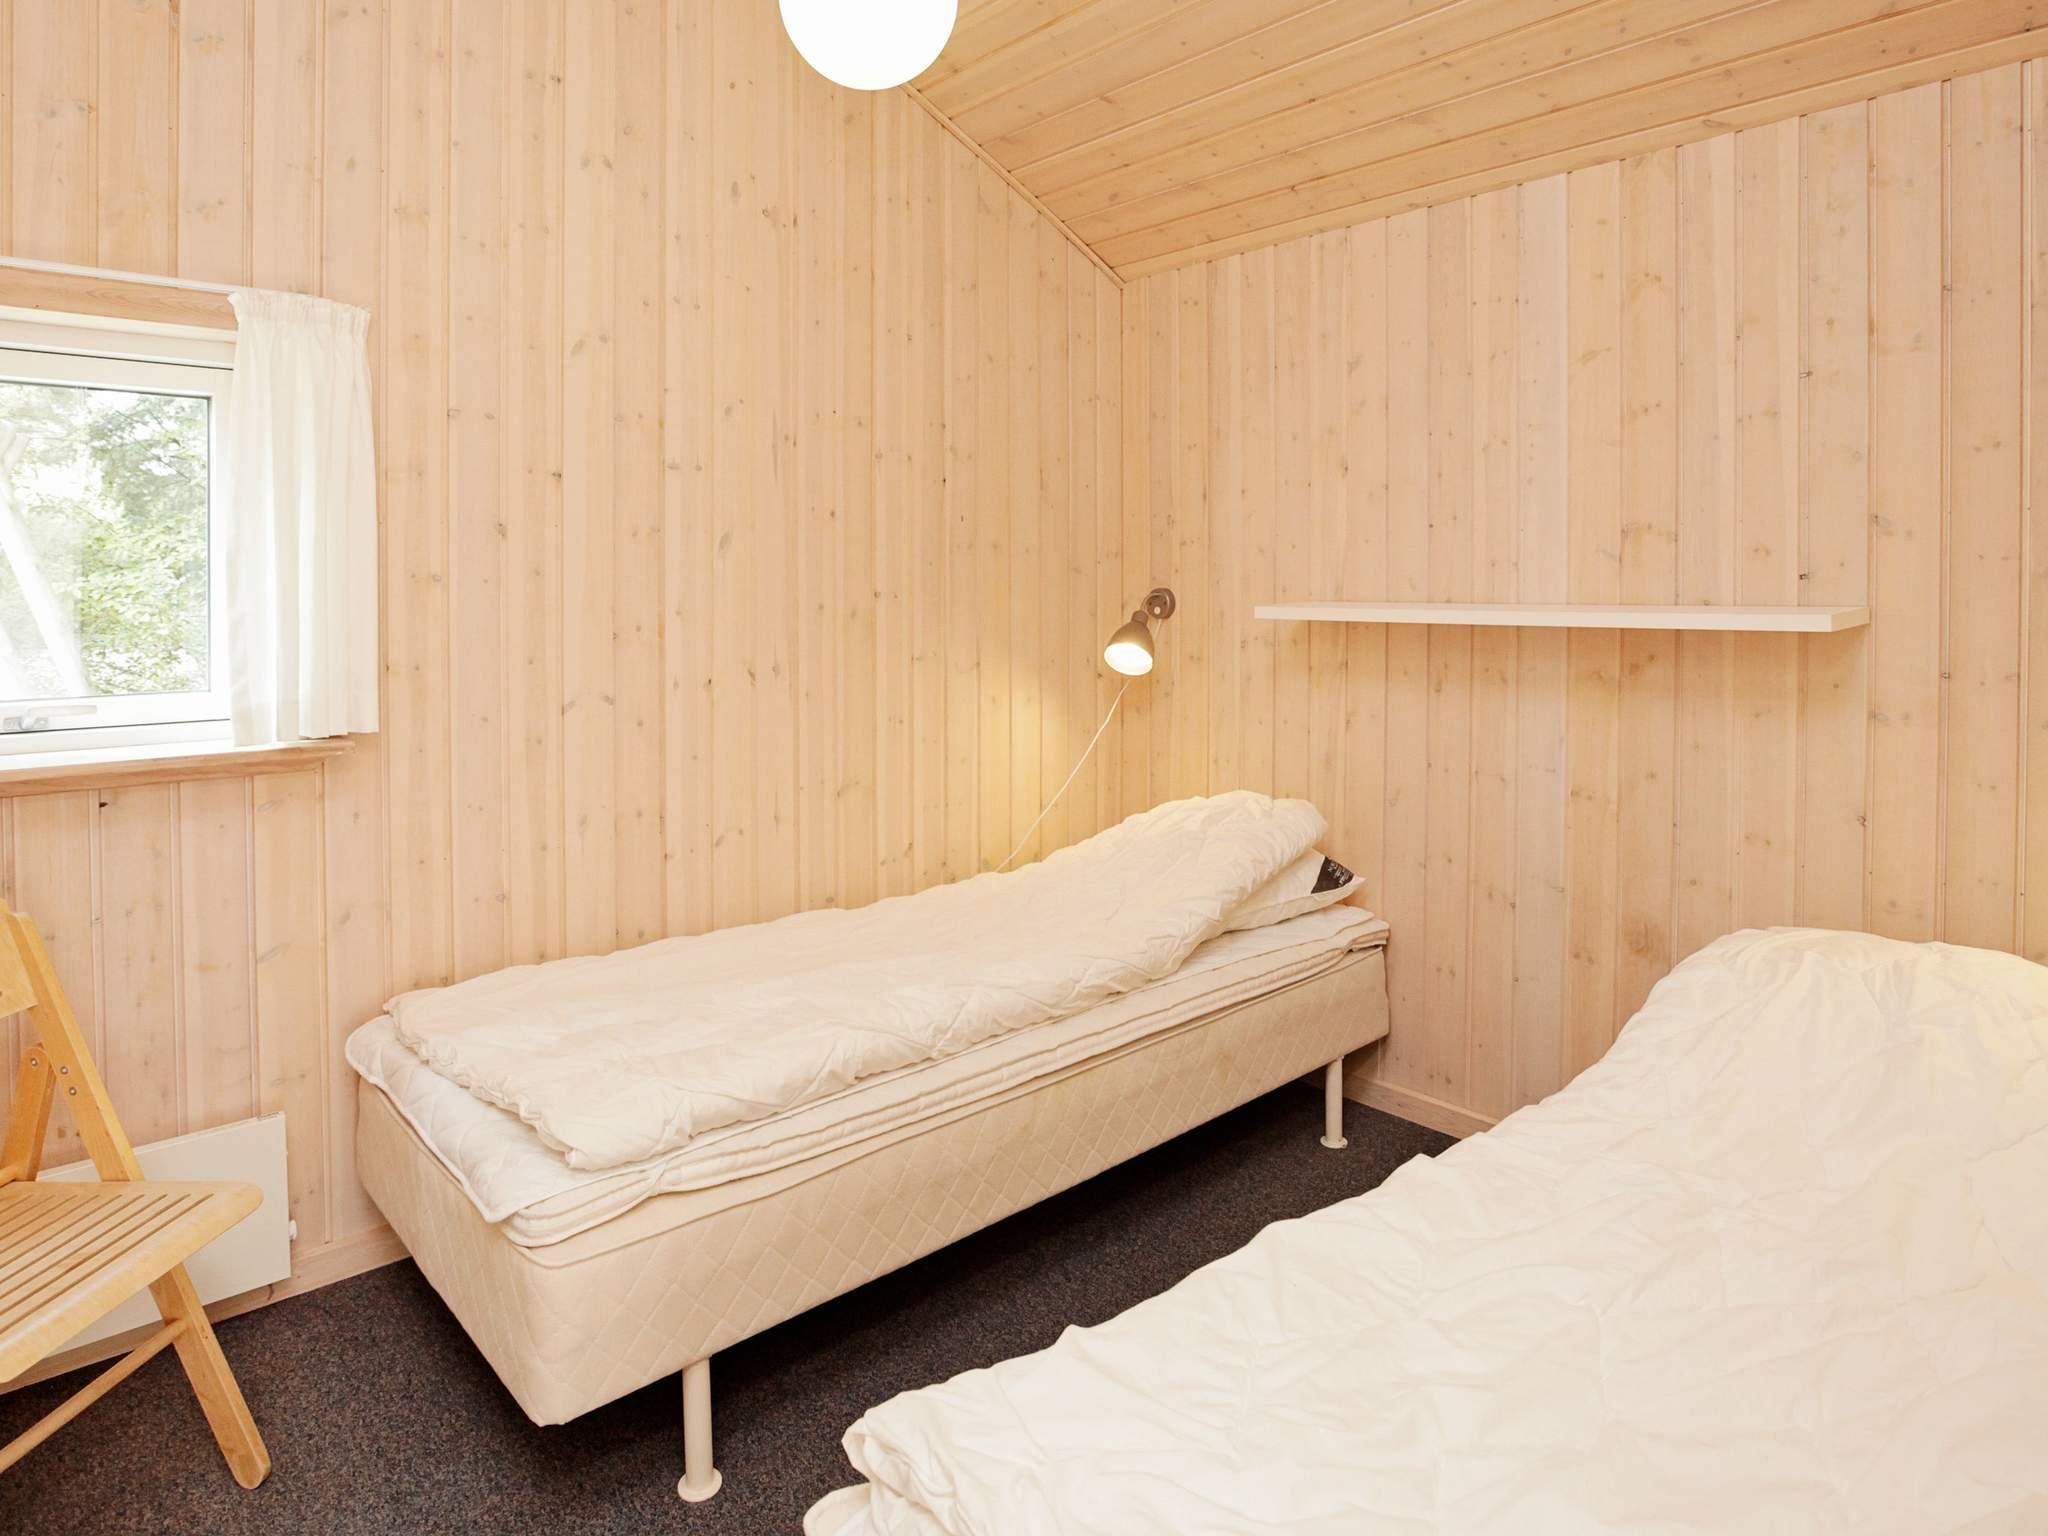 Ferienhaus Lodskovvad (683644), Lodskovvad, , Dänische Nordsee, Dänemark, Bild 7